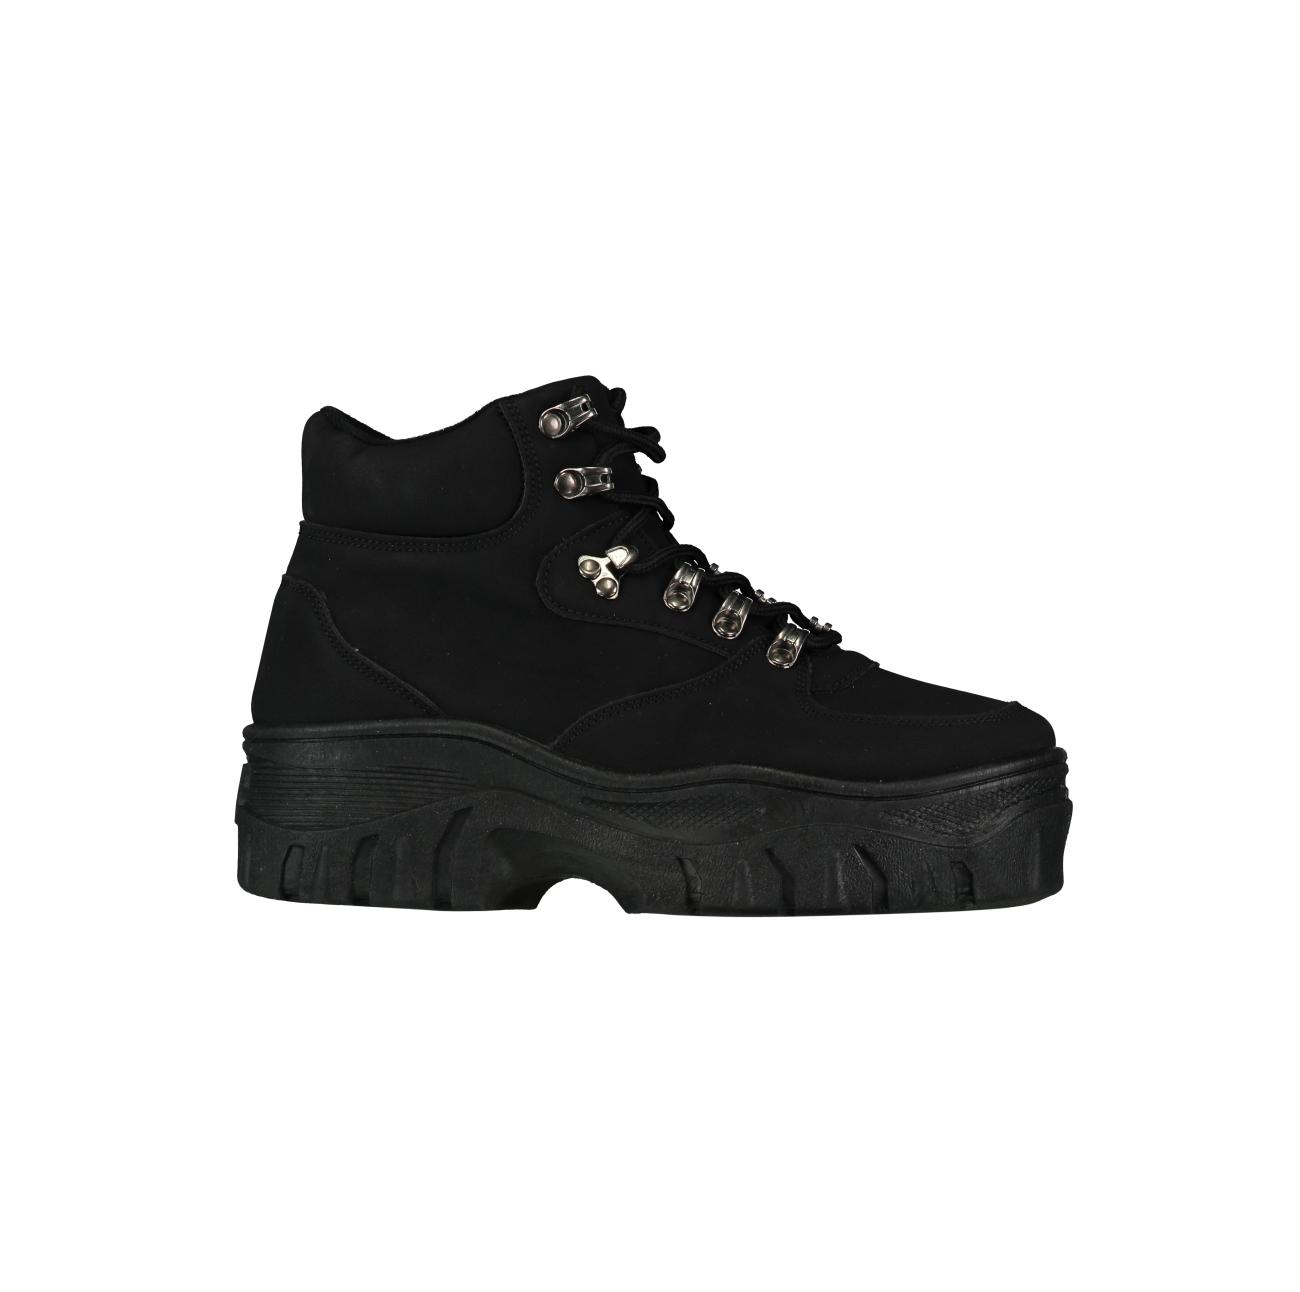 Hailys Sneaker - Black